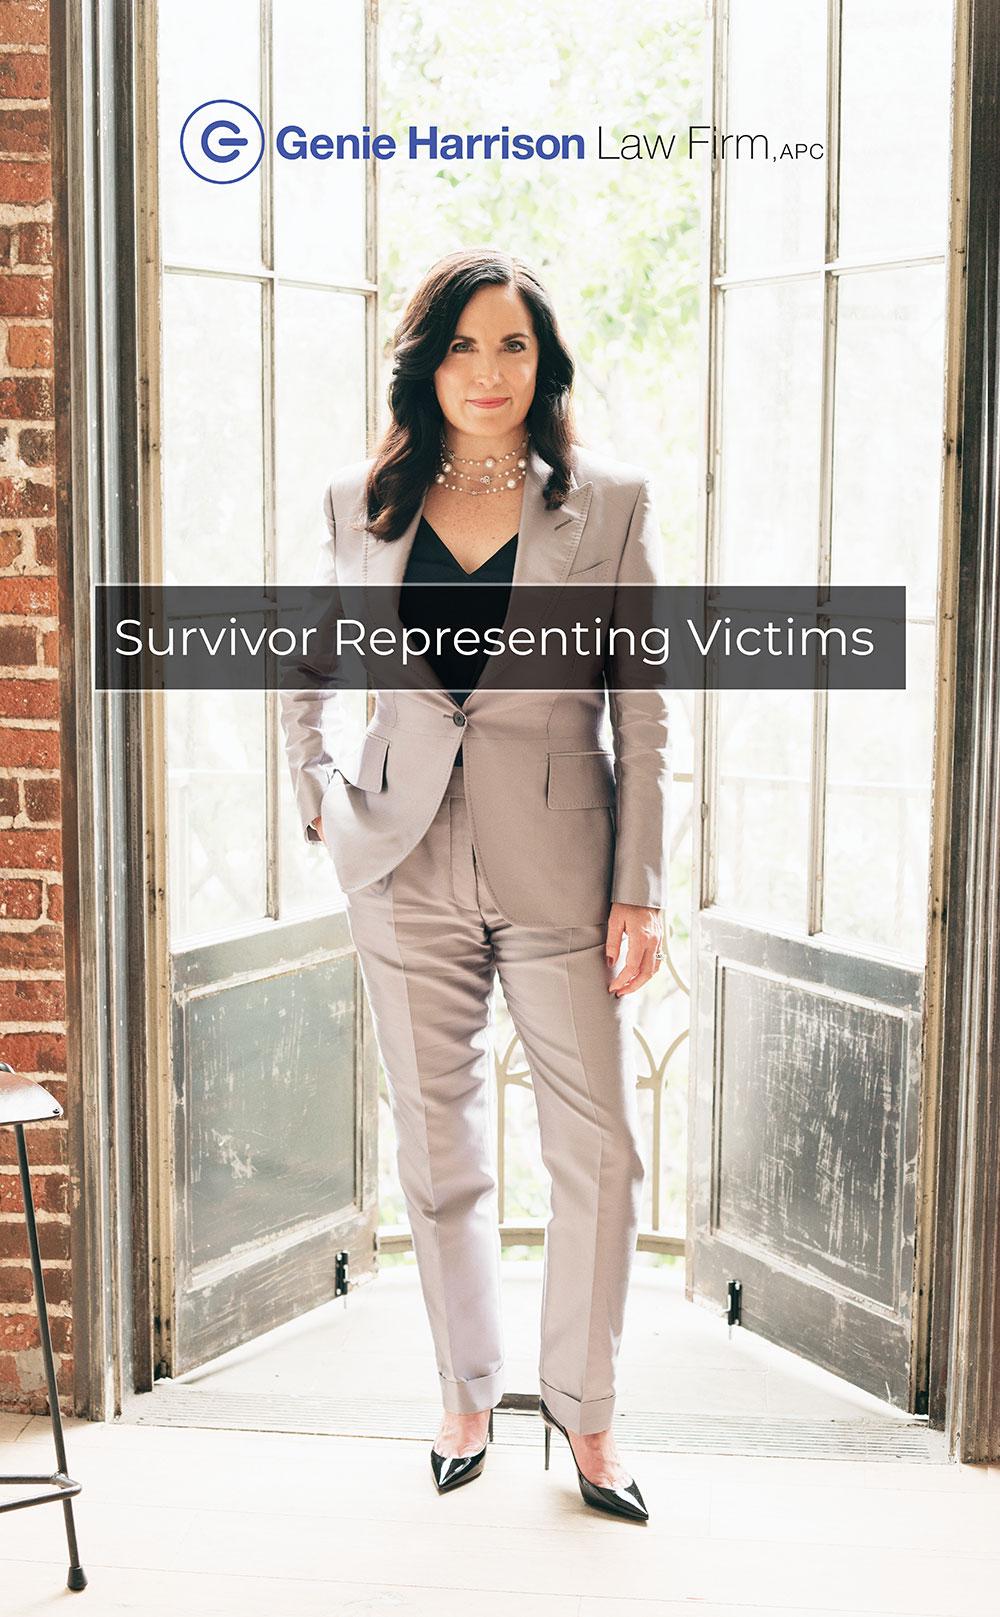 #metoo attorney Genie Harrison